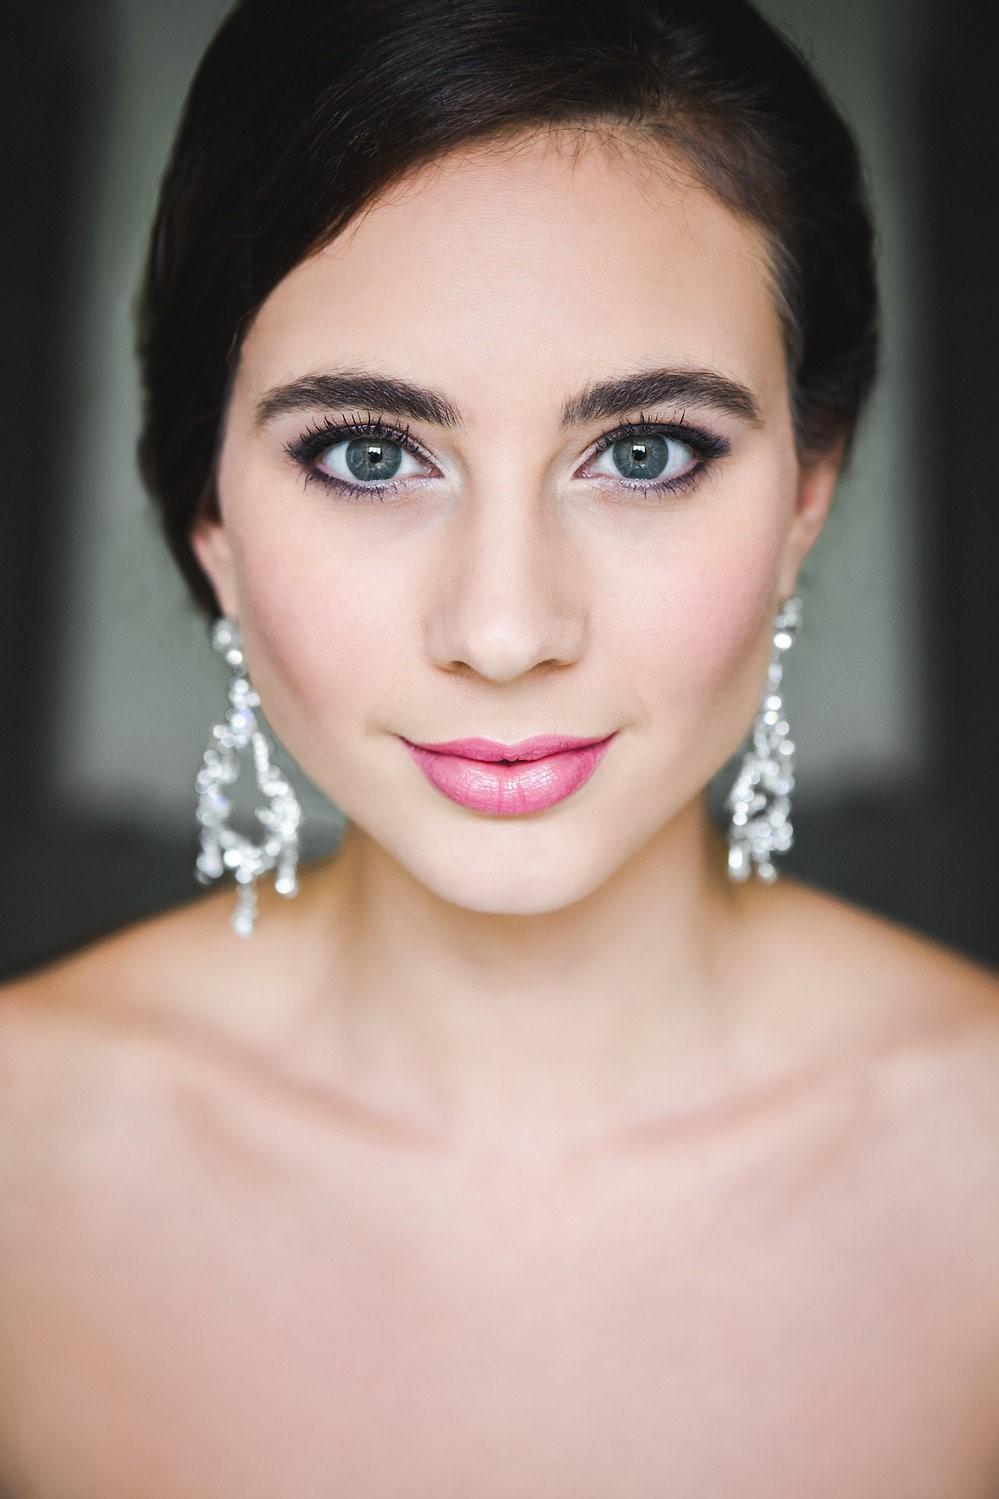 Les épousées aux yeux verts ont besoin de plus d'attention dans le choix des couleurs pour rendre leurs yeux plus profonds.